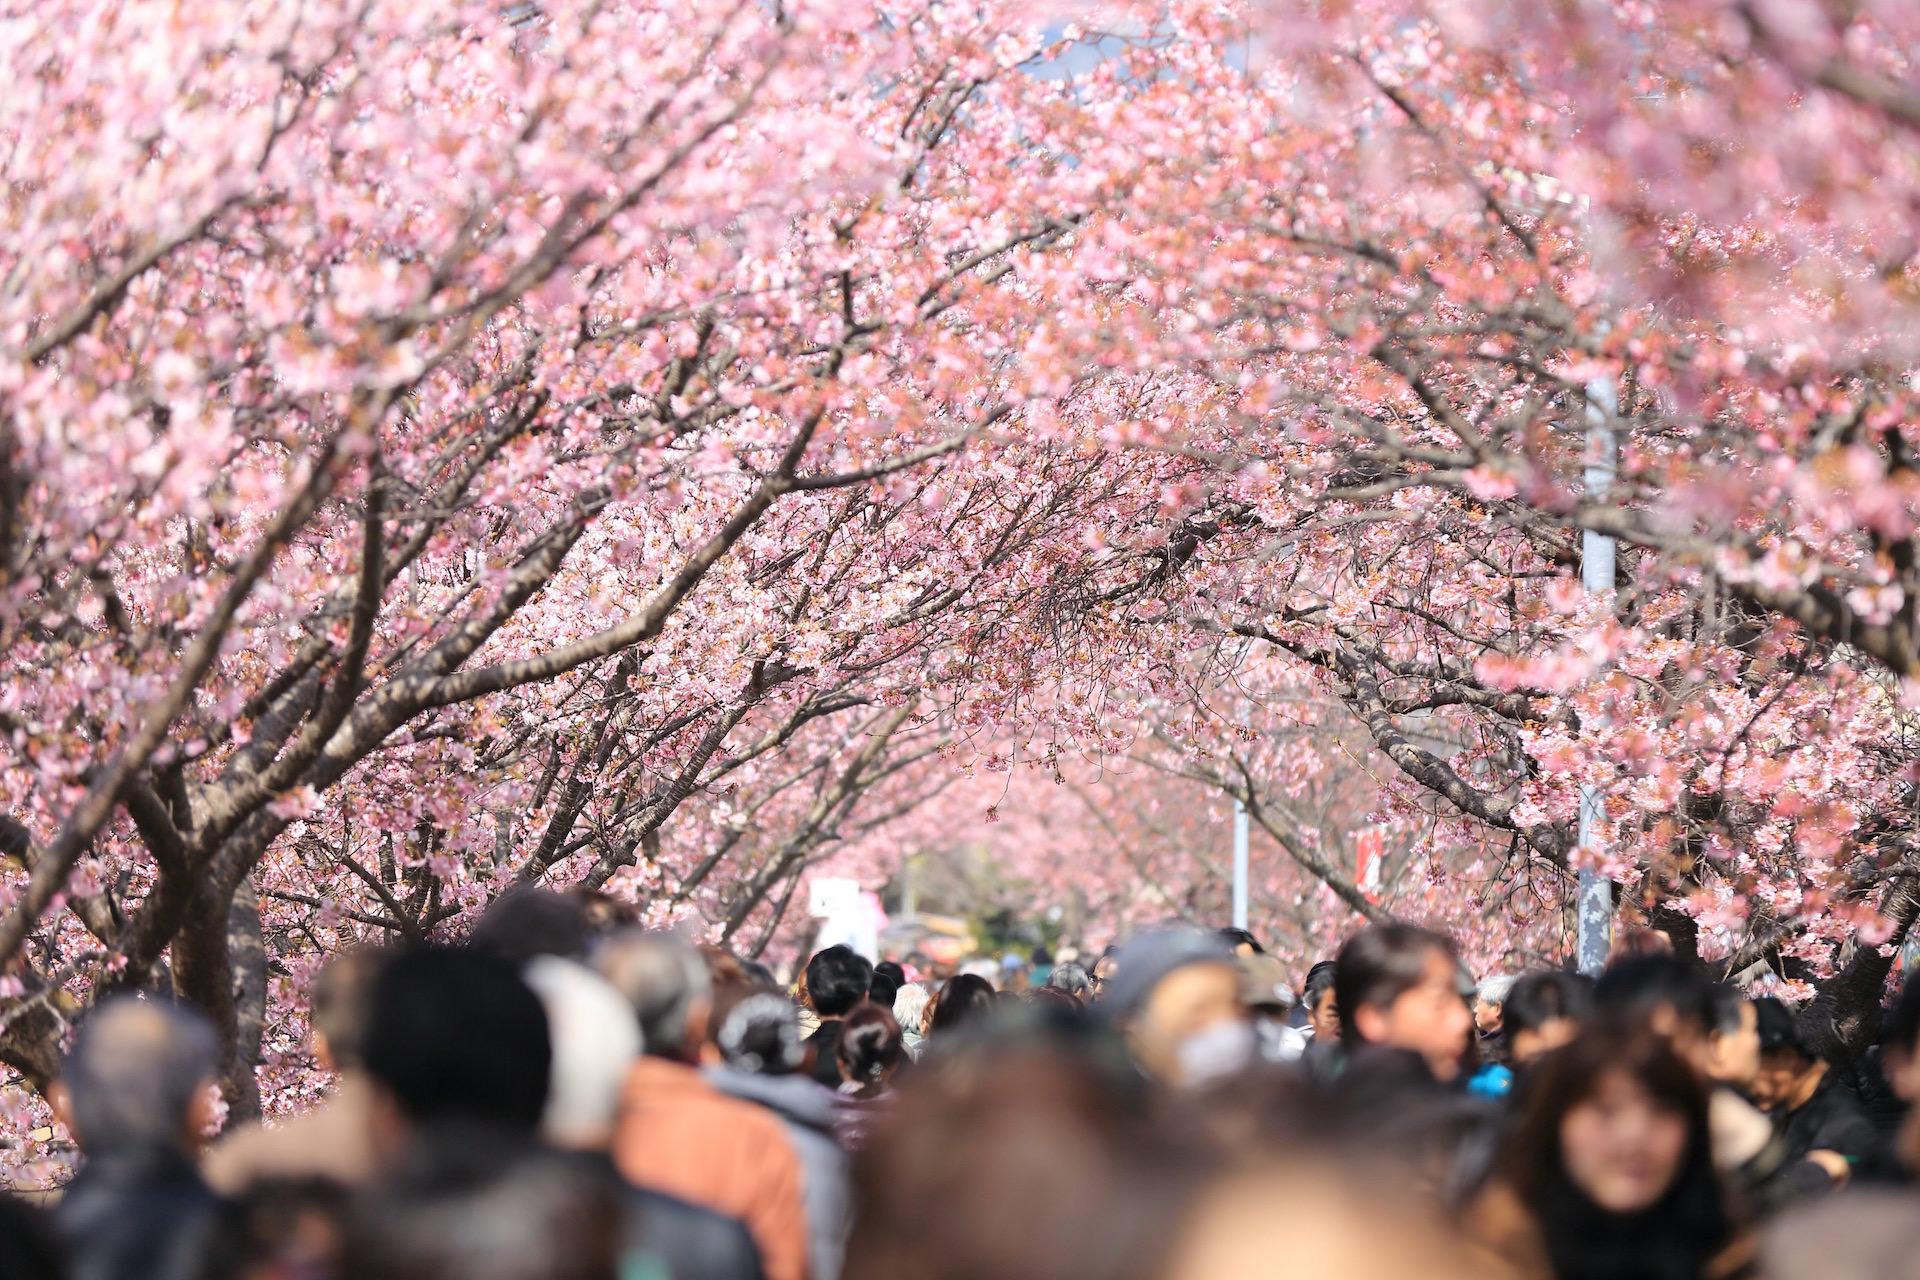 Kirschbäume, Bloom, Menschen, Japan, Rosa - Wallpaper HD - Prof.-falken.com